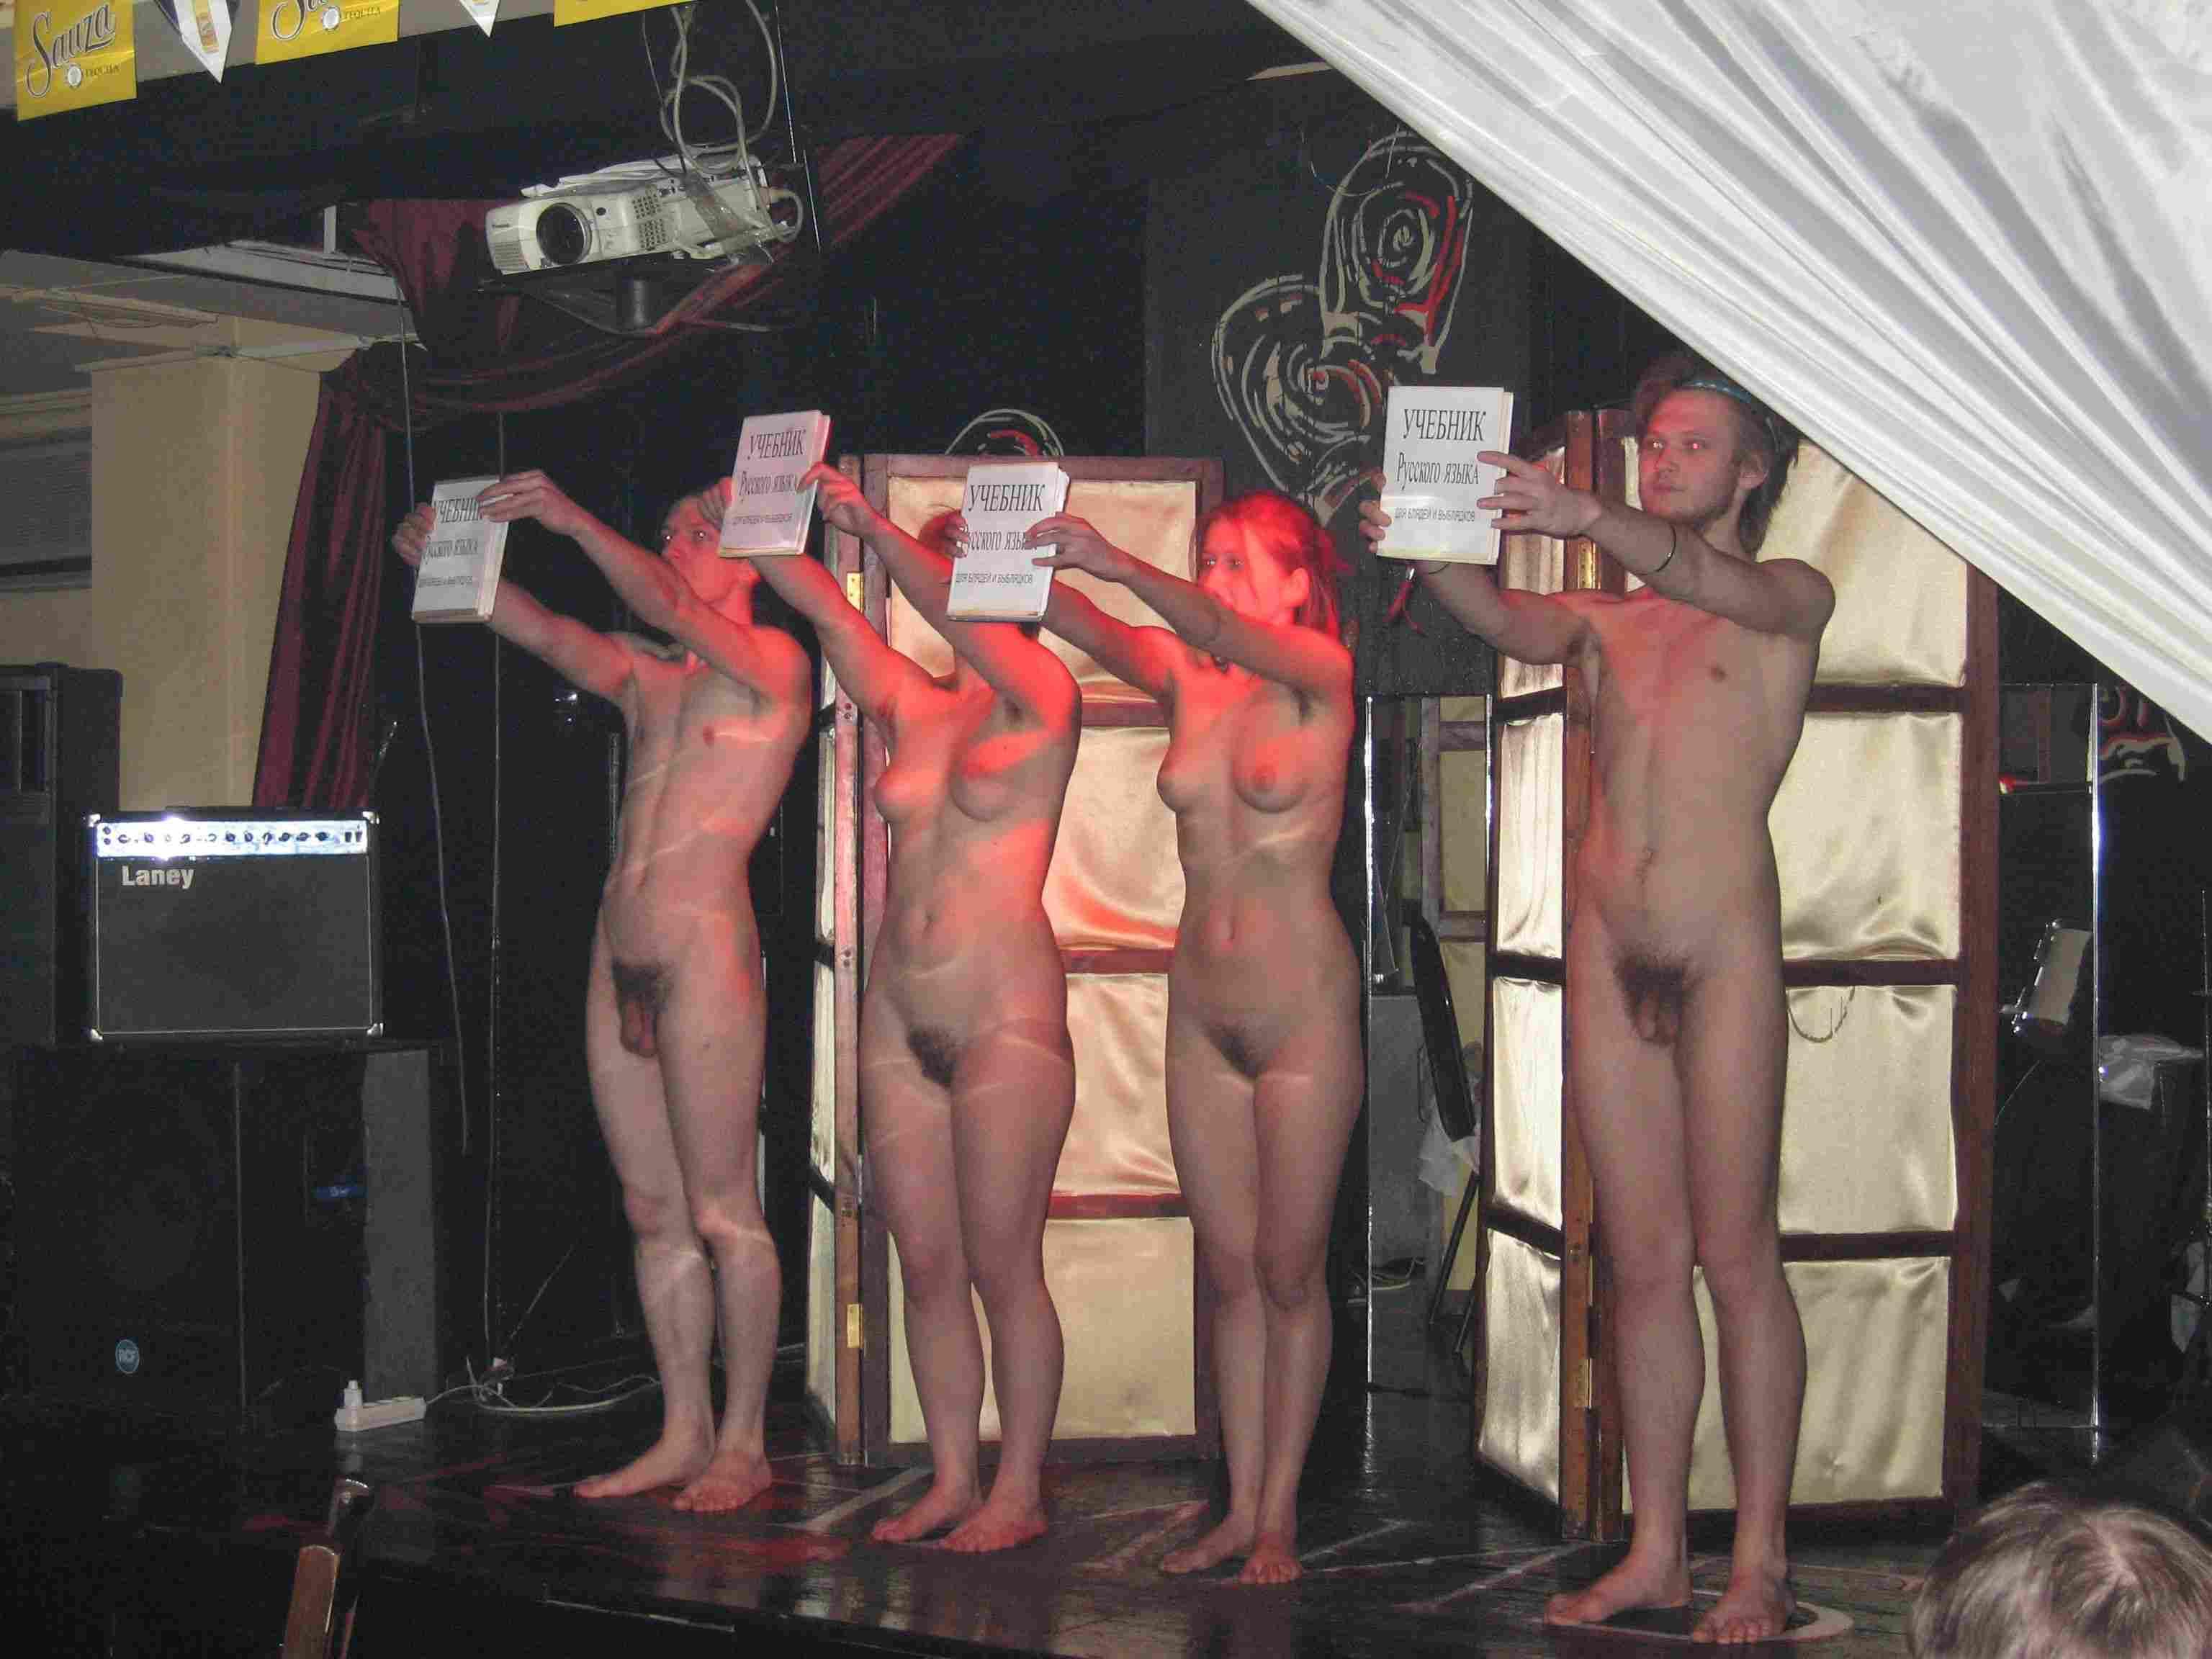 Театральные постановки порно онлайн 6 фотография